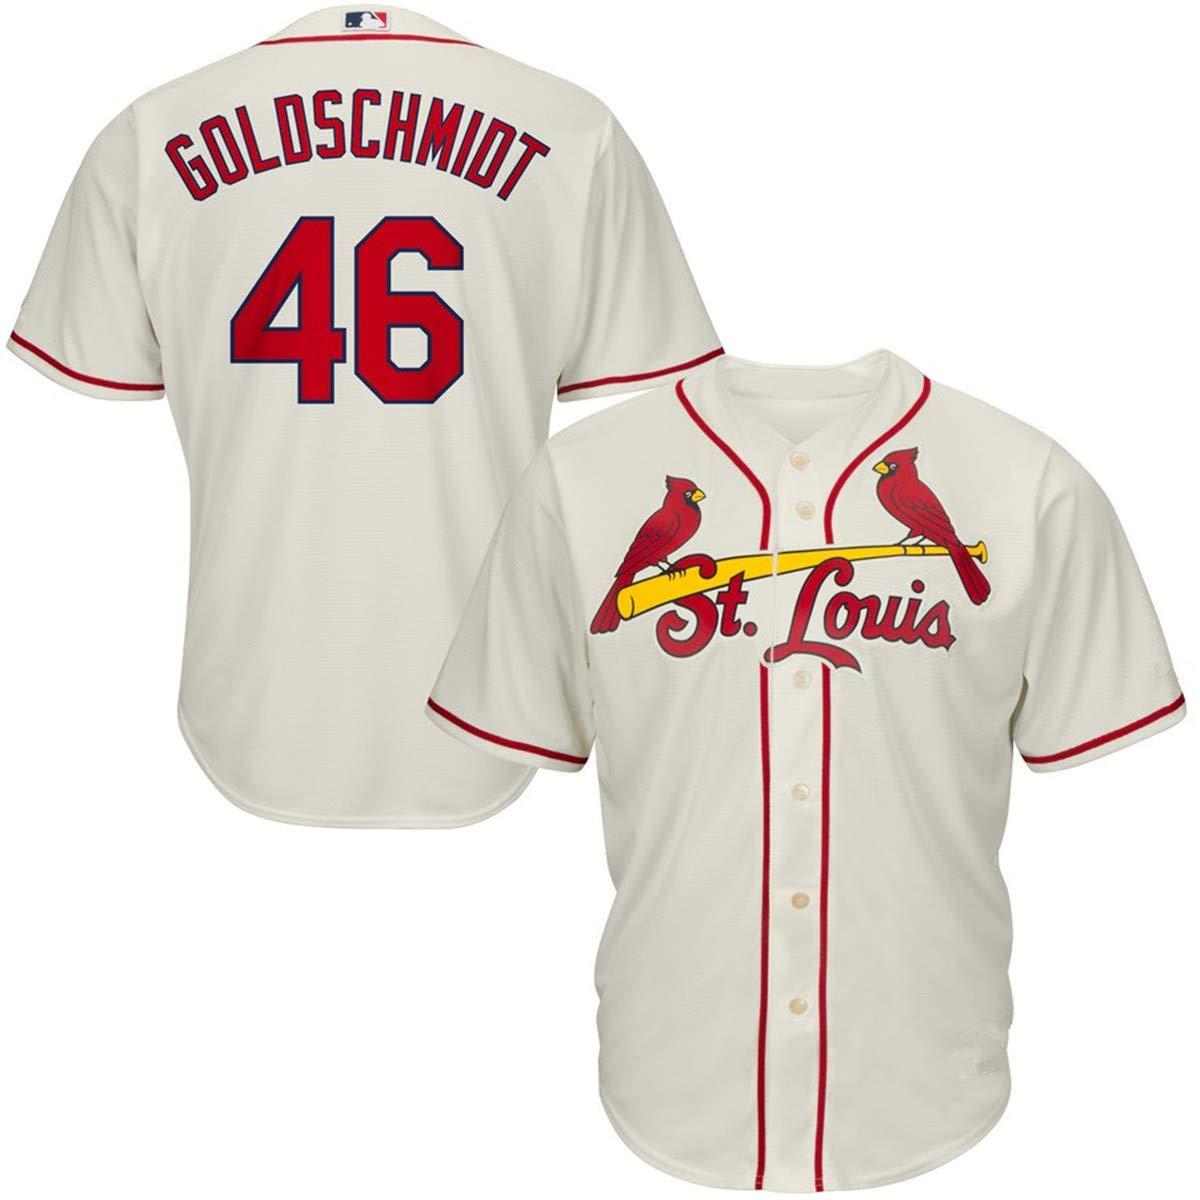 best service 574a8 f95d0 Amazon.com: Men's #46 Paul Goldschmidt St. Louis Cardinals ...